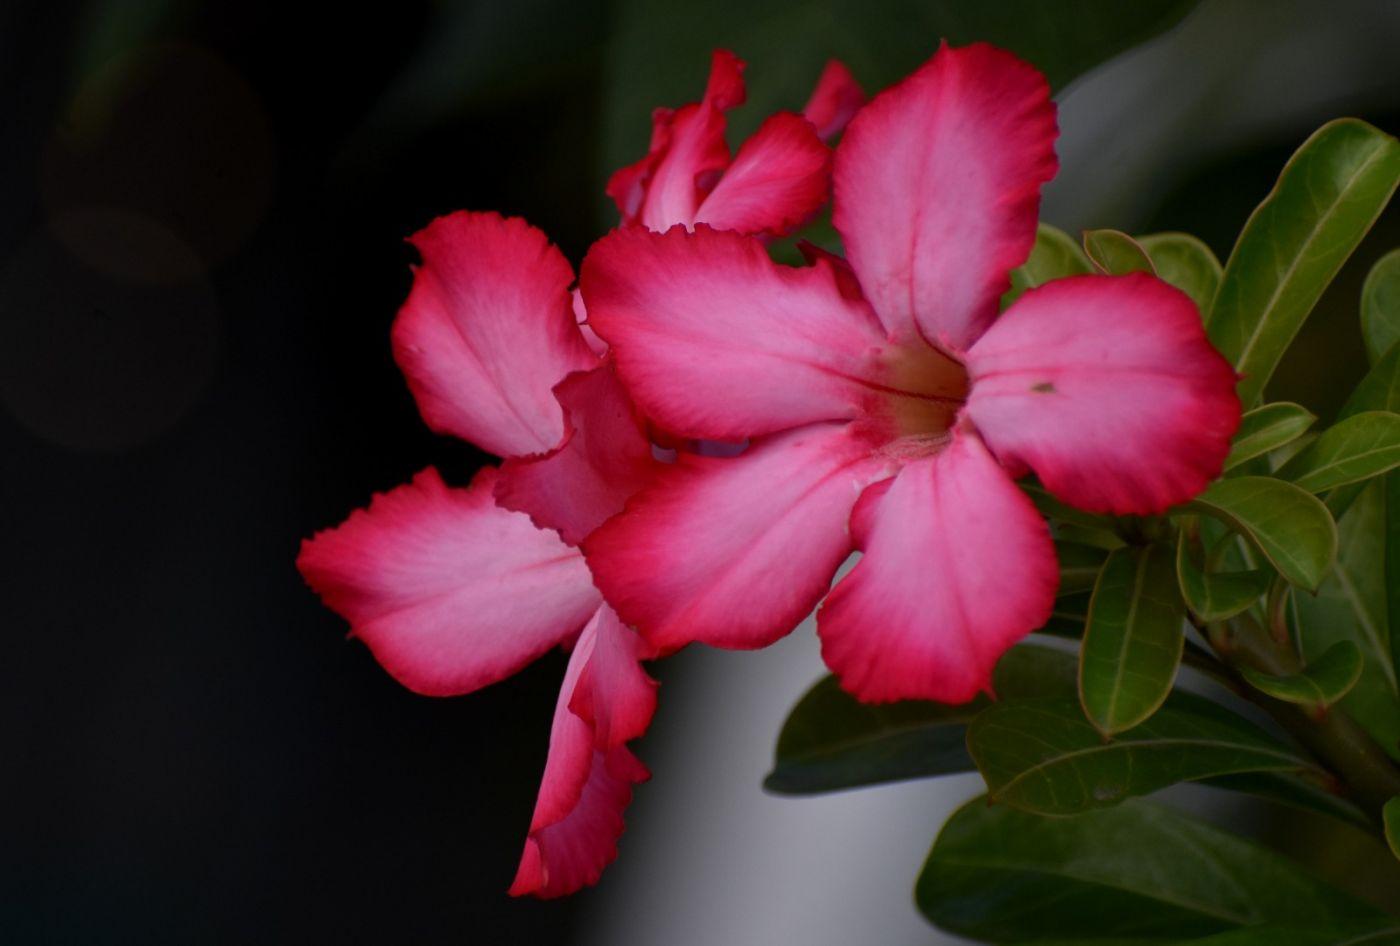 沙漠玫瑰_图1-16